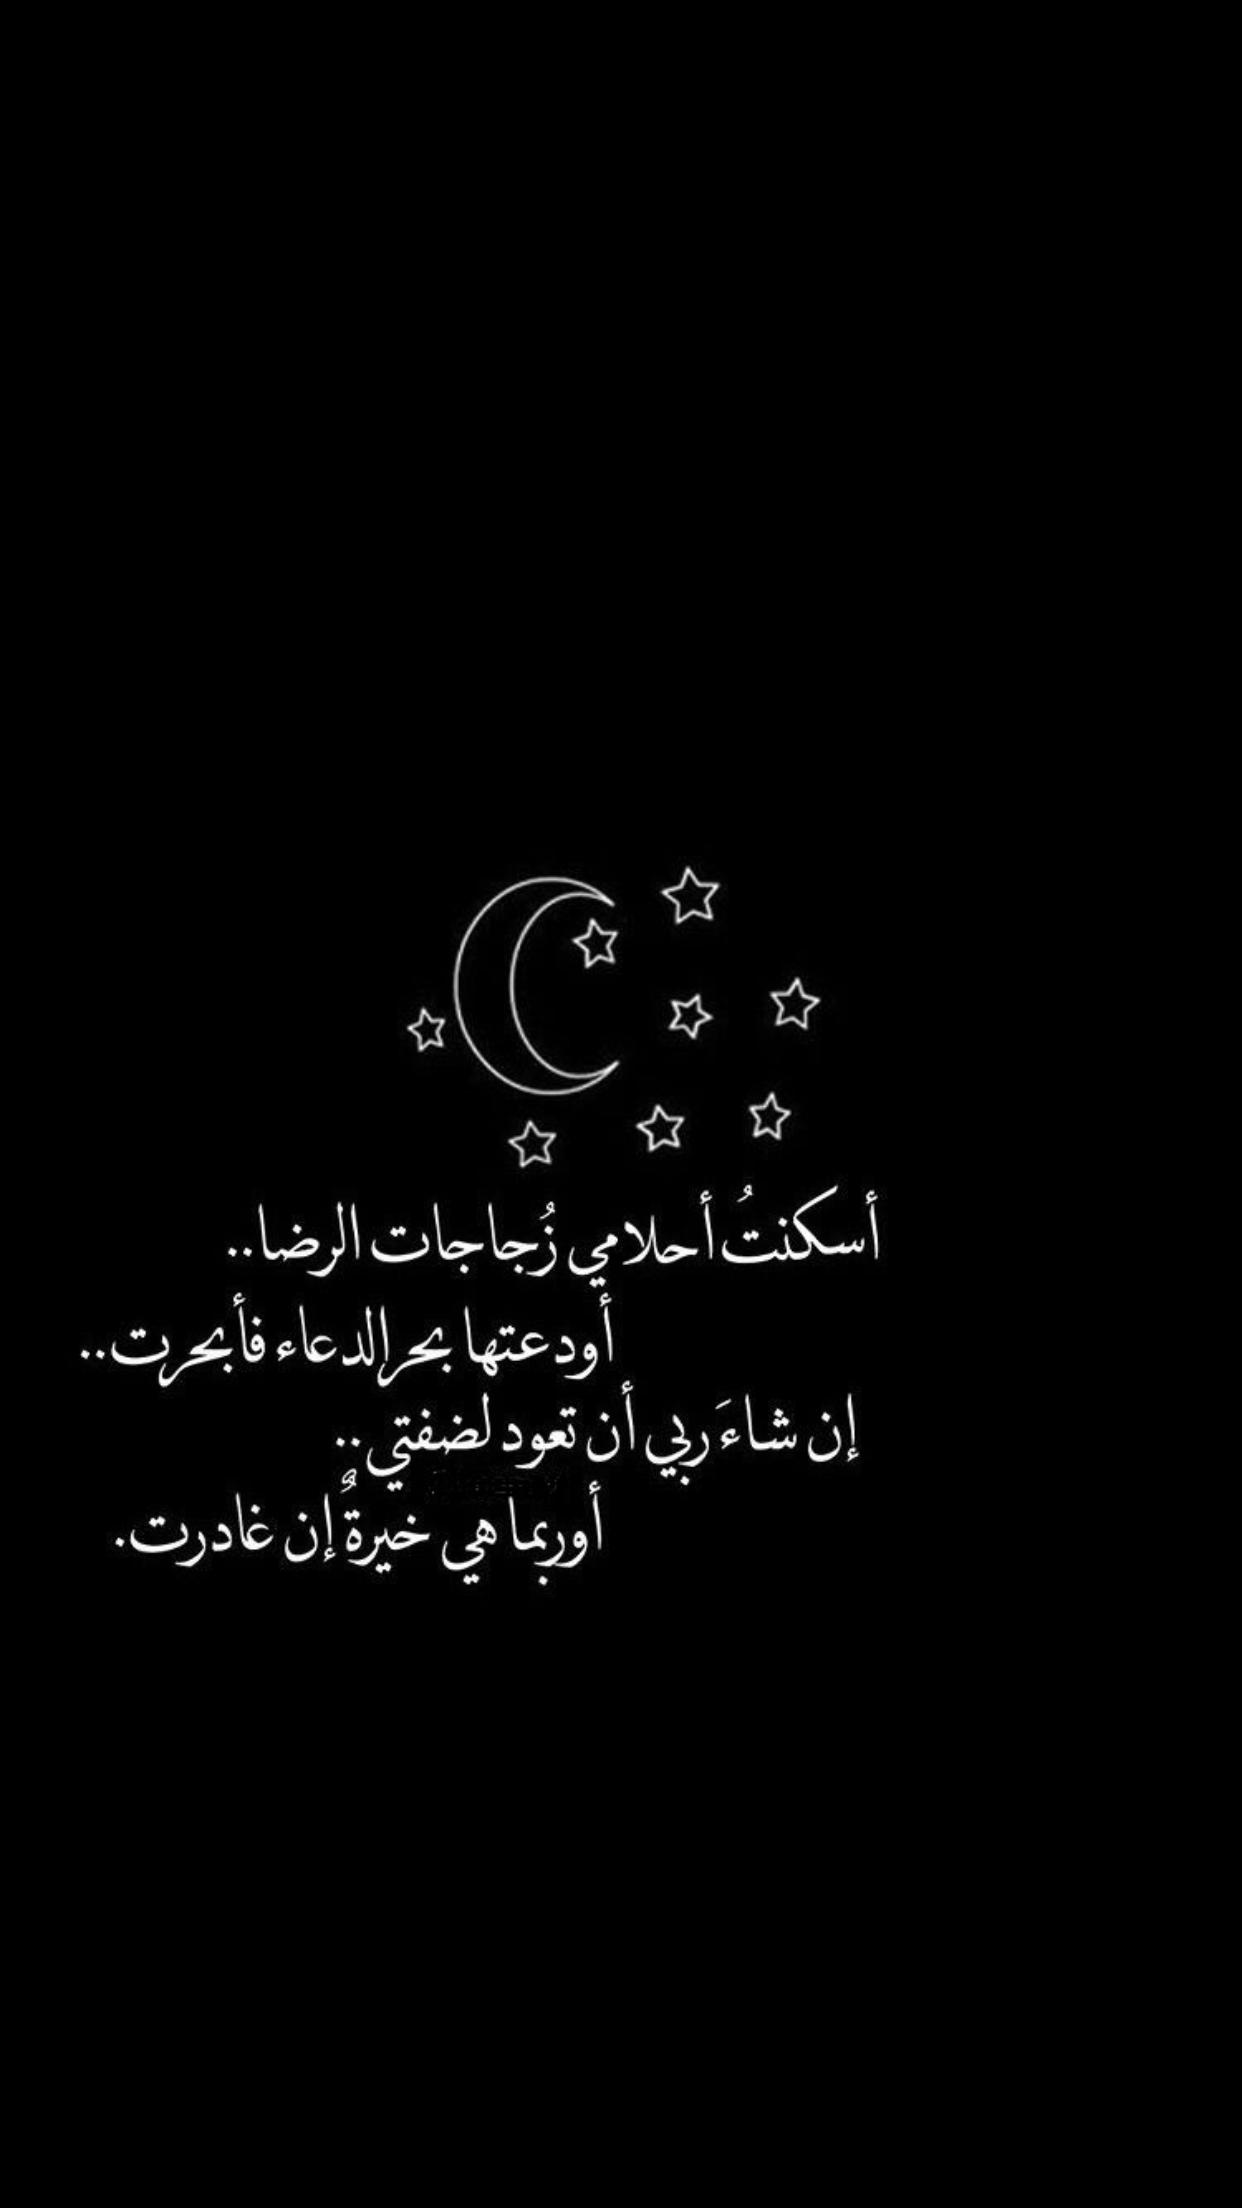 يا رب الخيرة فيما اخترته لنا Words Quotes Islamic Quotes Arabic Quotes